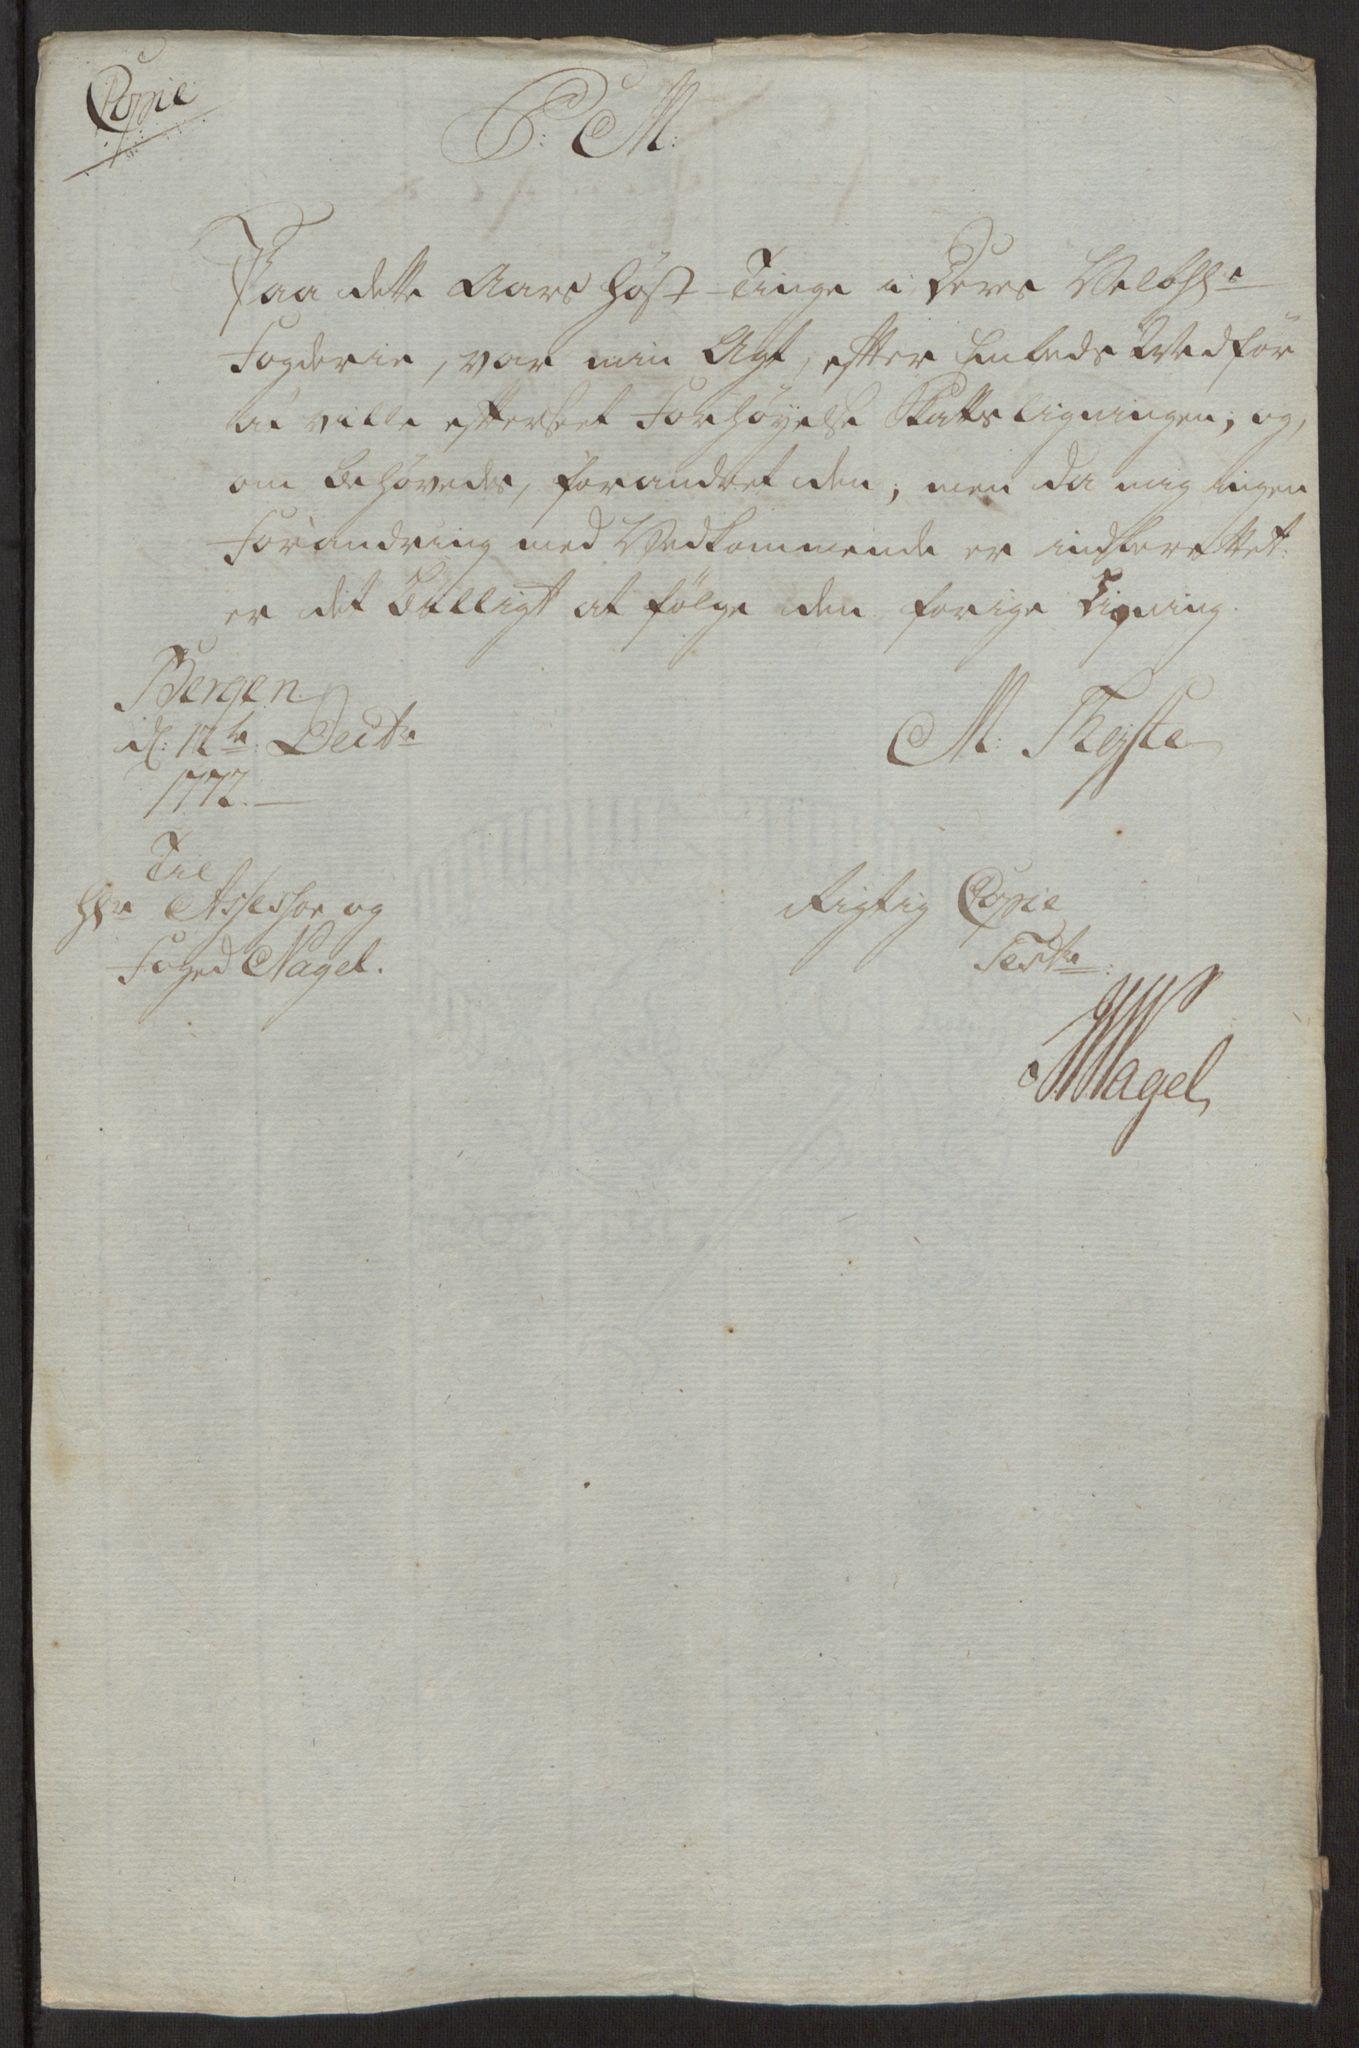 RA, Rentekammeret inntil 1814, Reviderte regnskaper, Fogderegnskap, R53/L3551: Ekstraskatten Sunn- og Nordfjord, 1772, s. 34